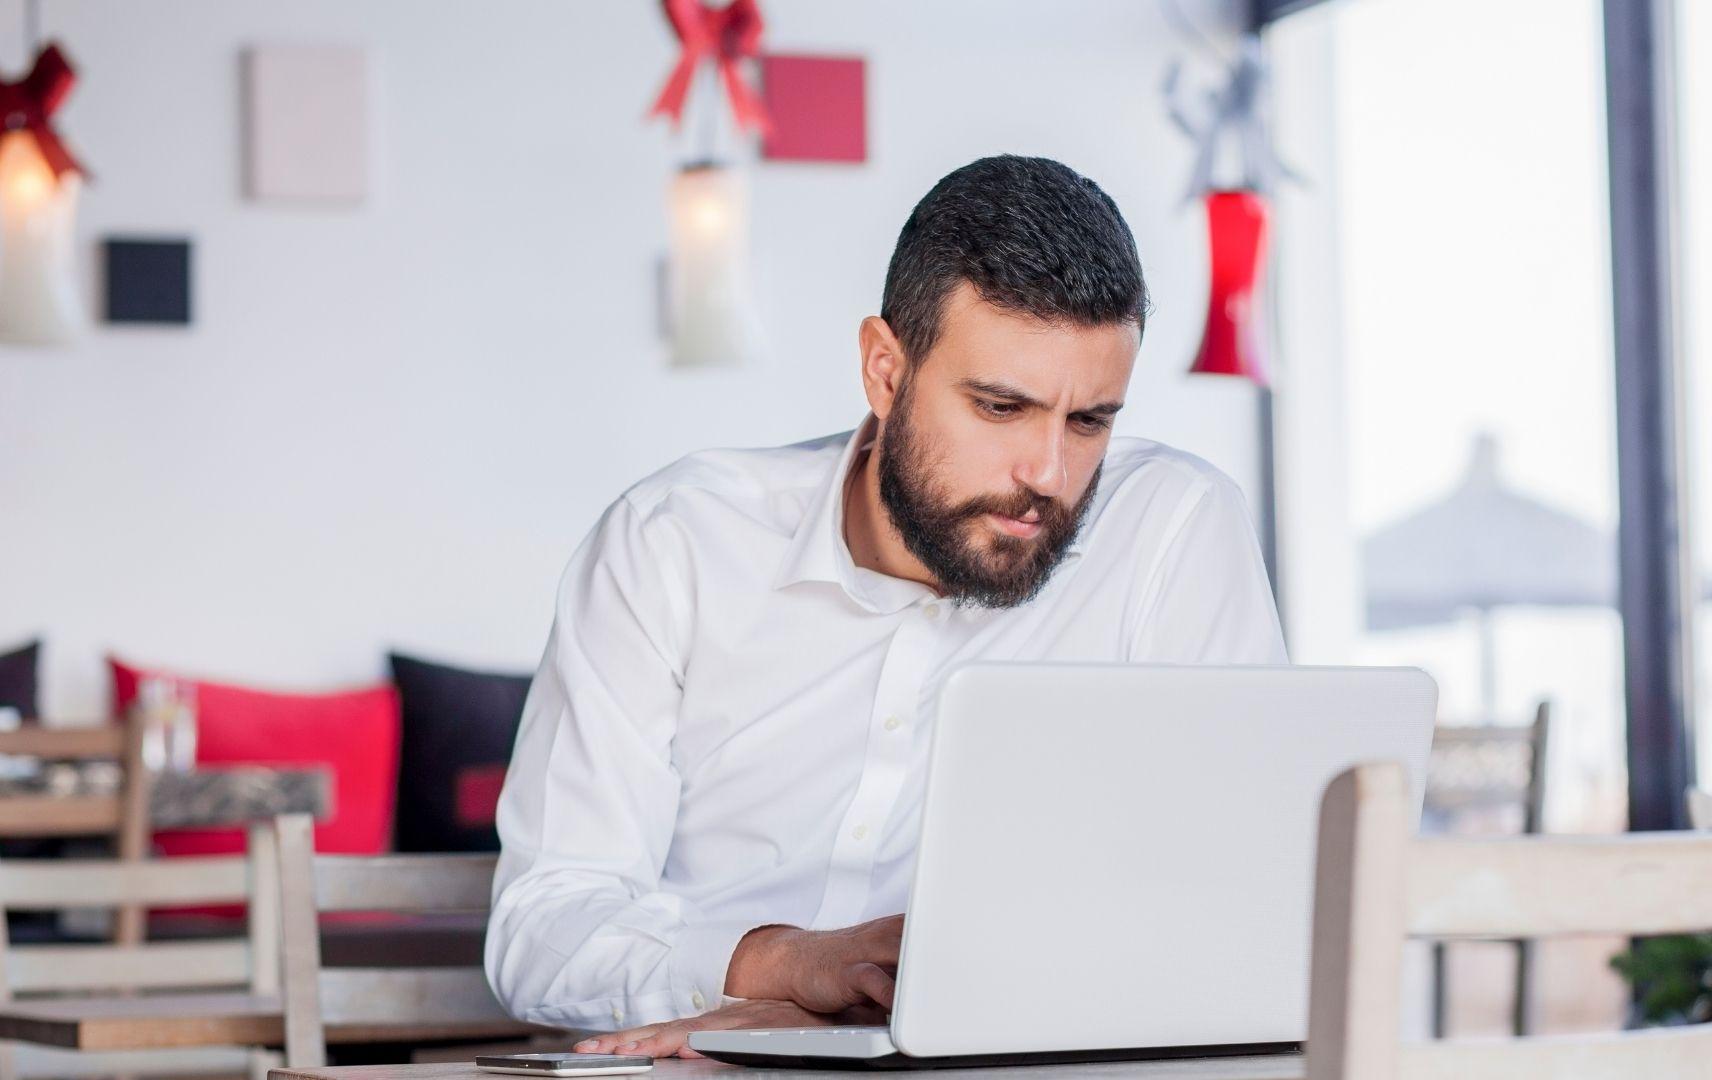 Mann lernt am Computer